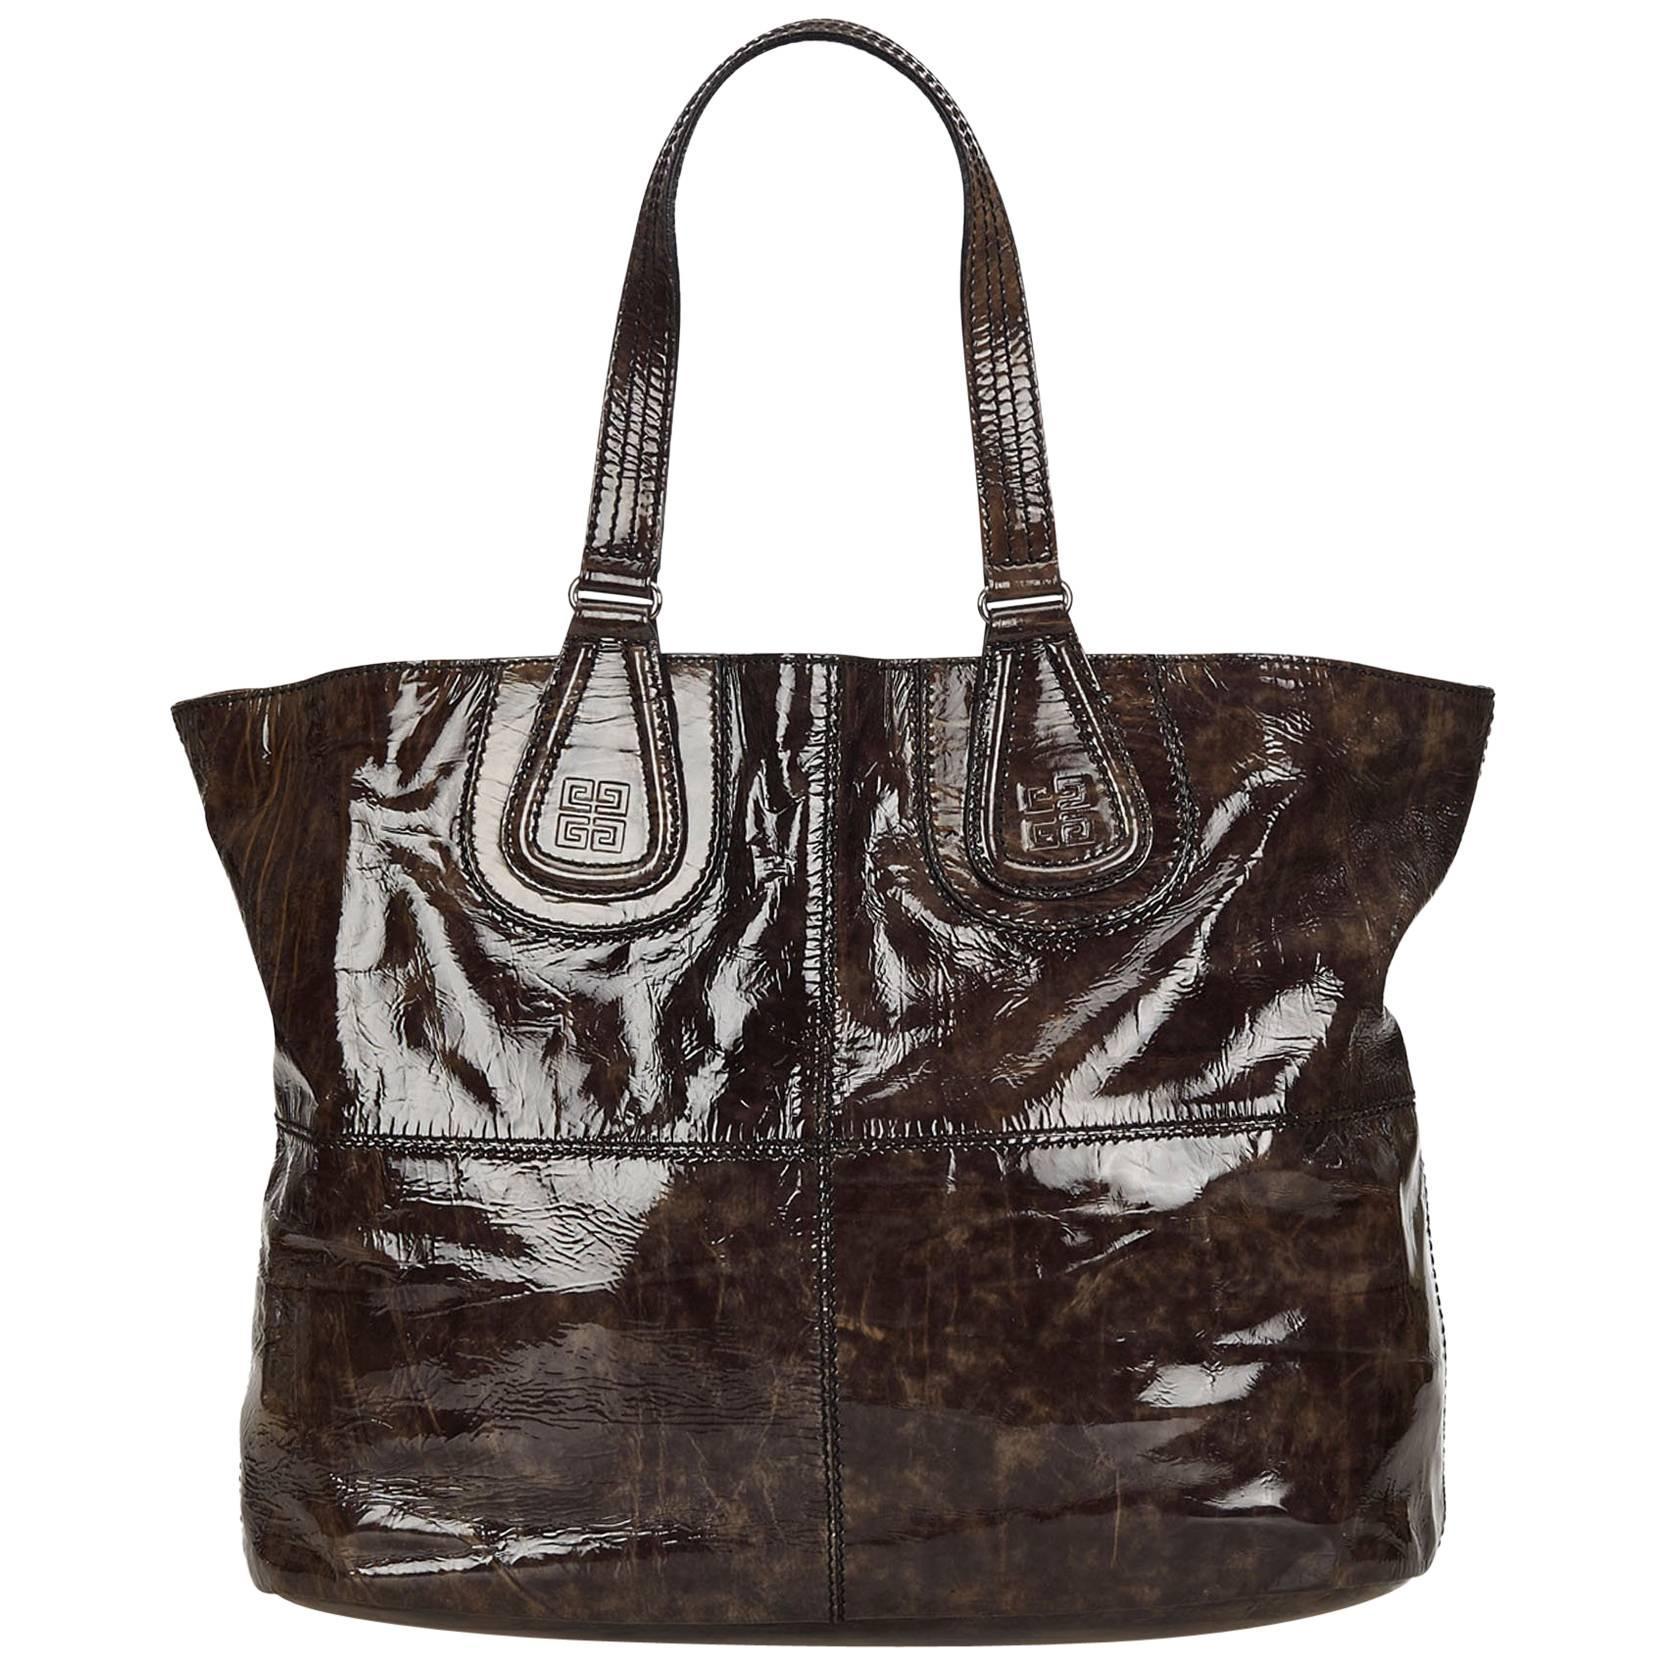 1stdibs Lanvin Black Leather For Me Satchel Bag Rt. $2,200